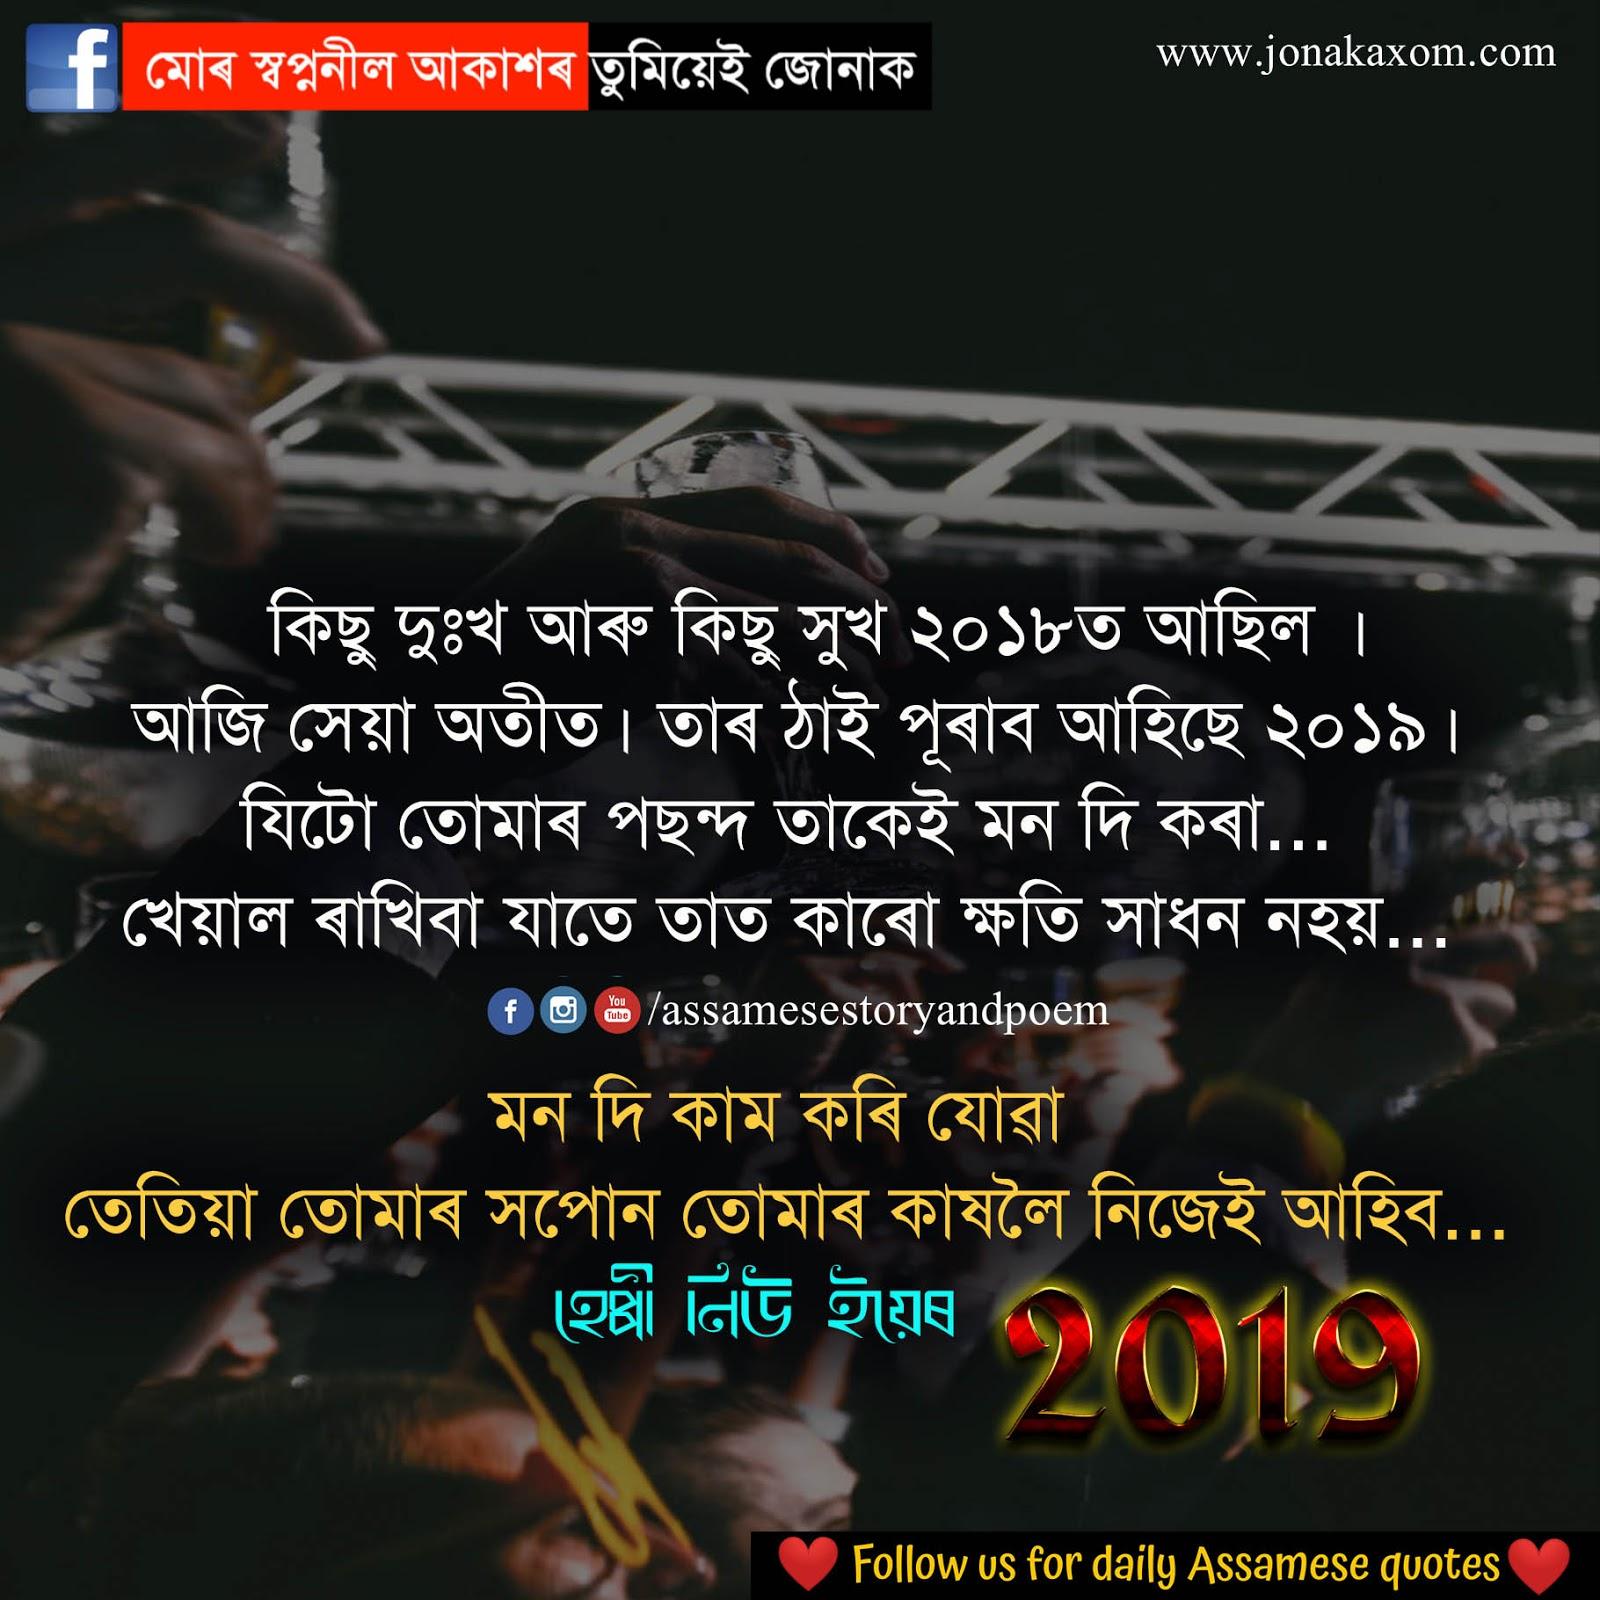 assamese new year 2019 video download